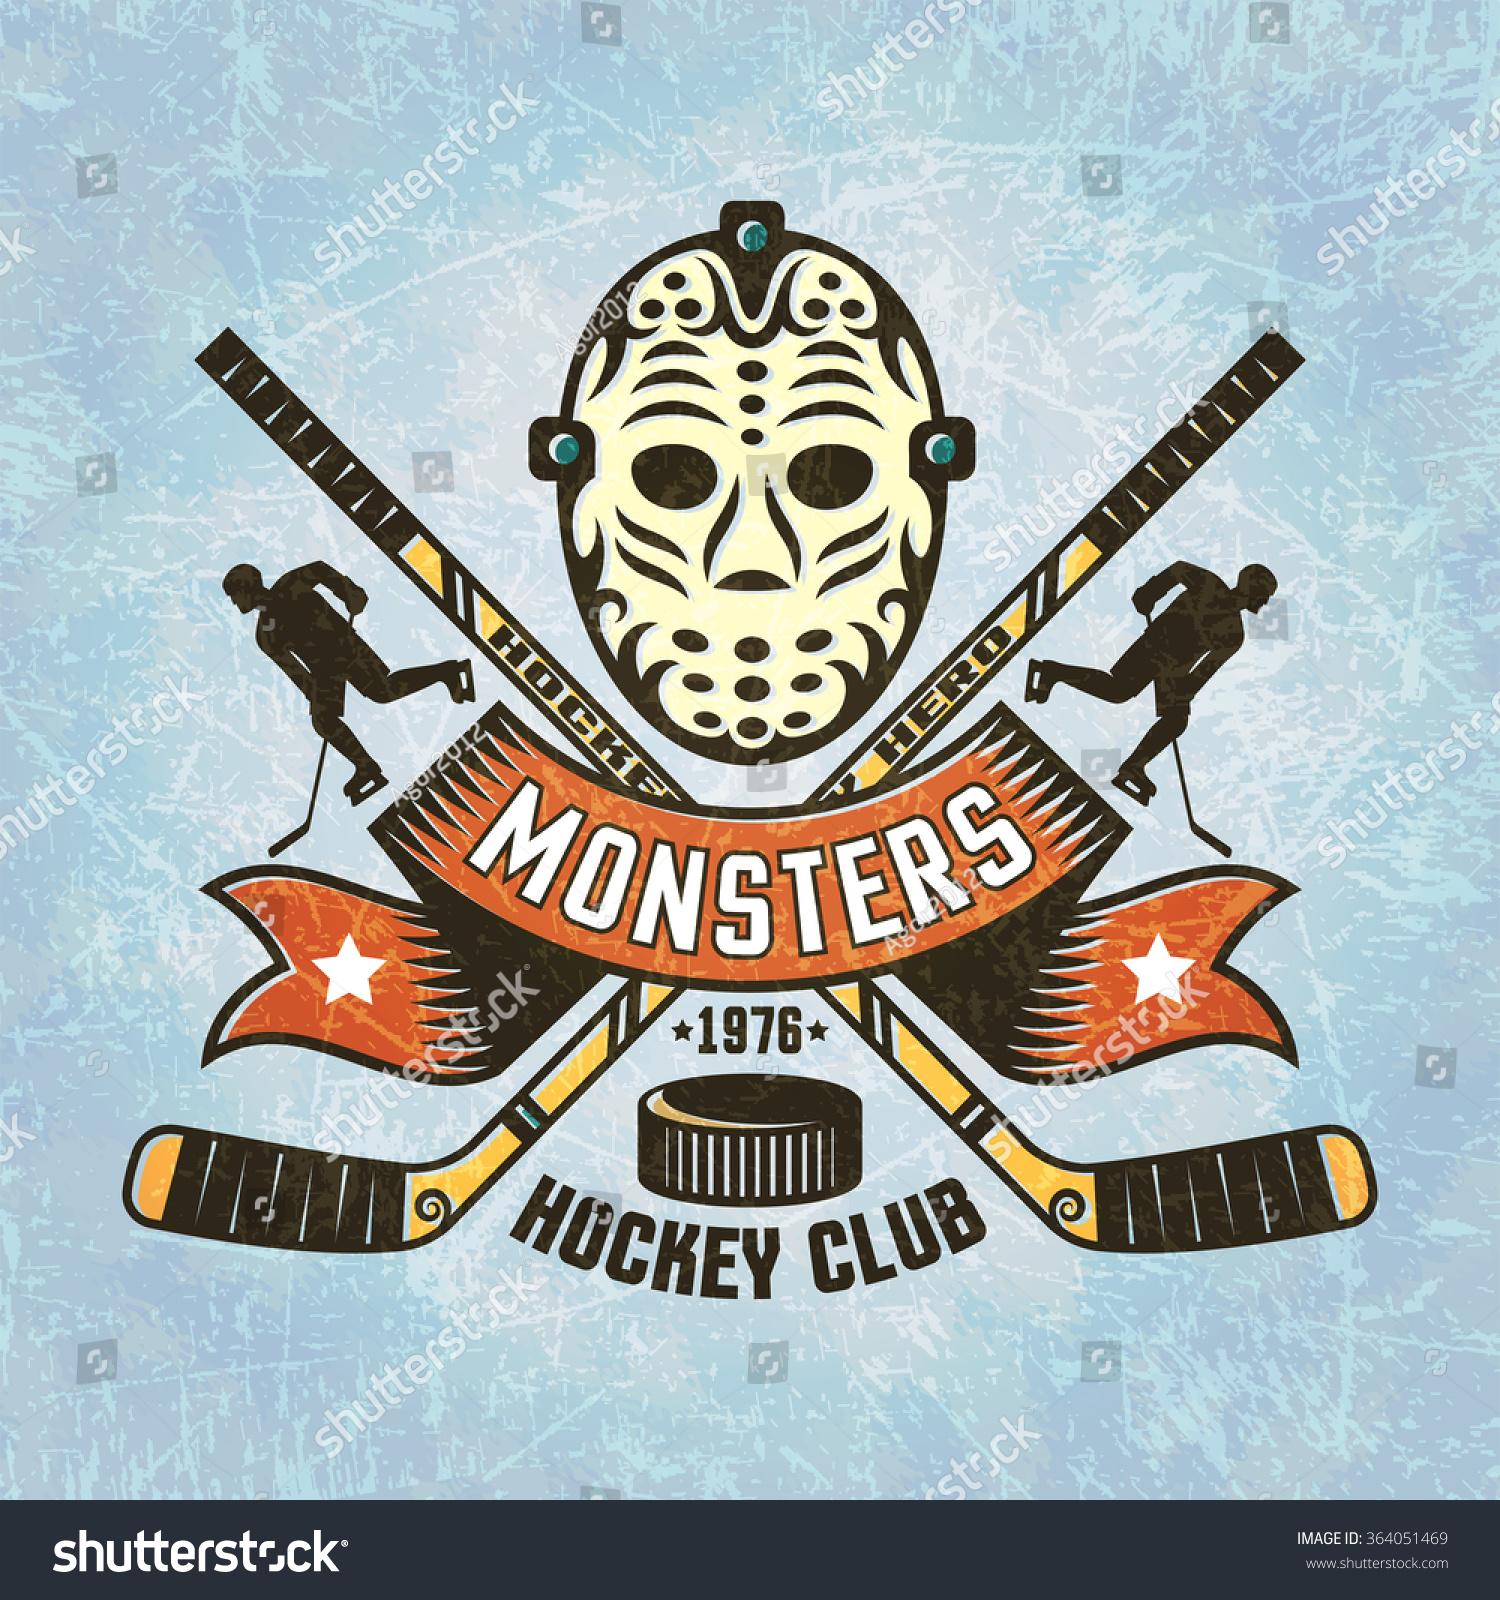 logo for hockey team retro goalie mask crossed sticks